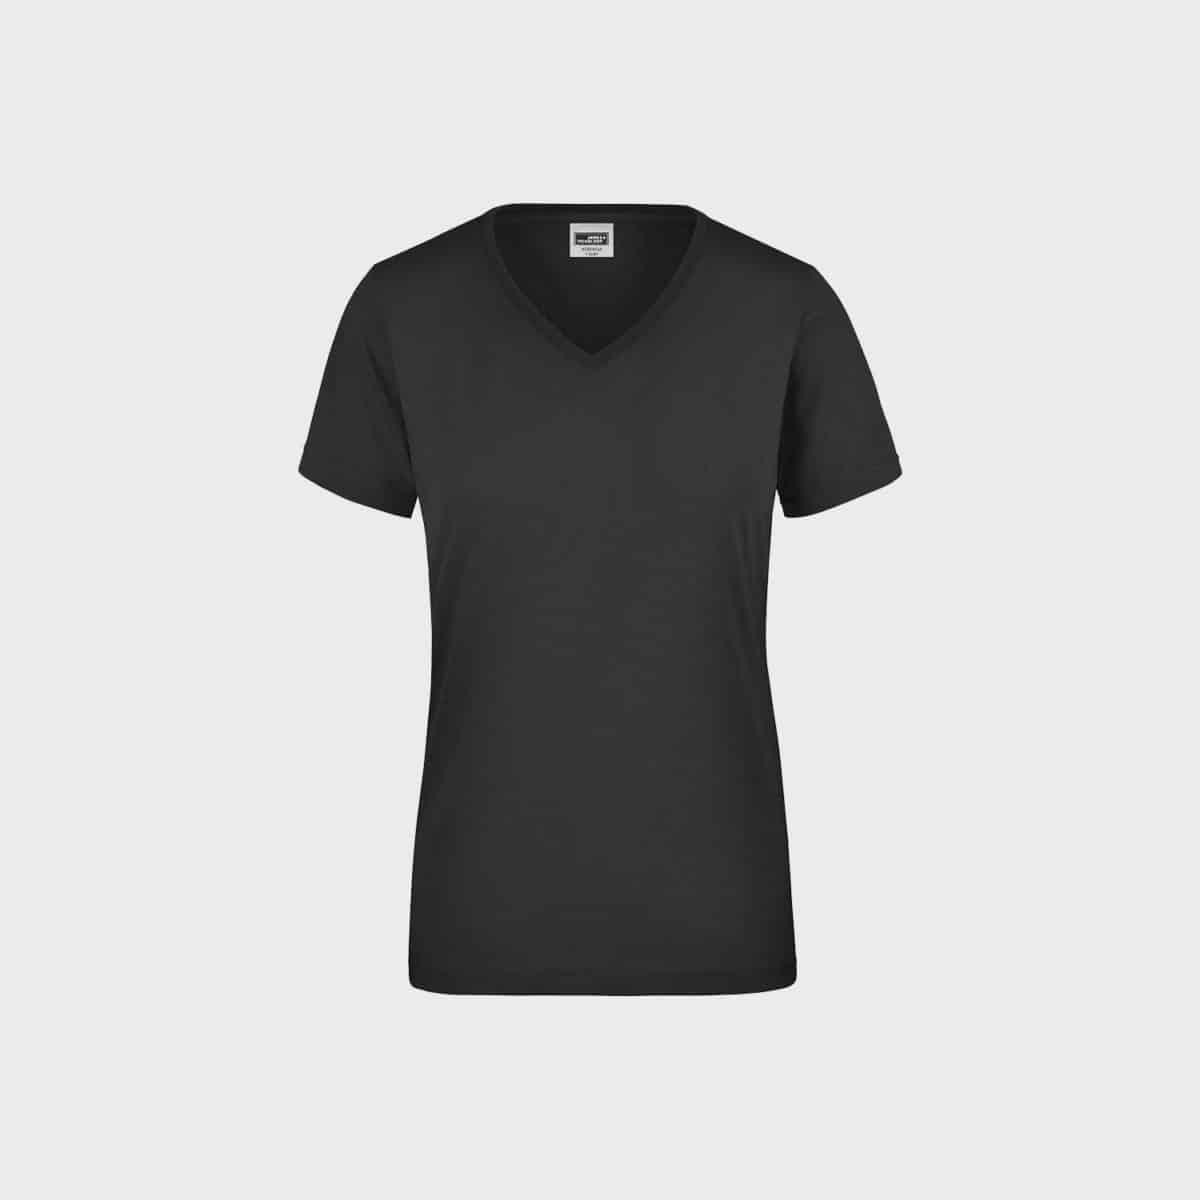 workwear-v-neck-t-shir-damen-black-kaufen-besticken_stickmanufaktur